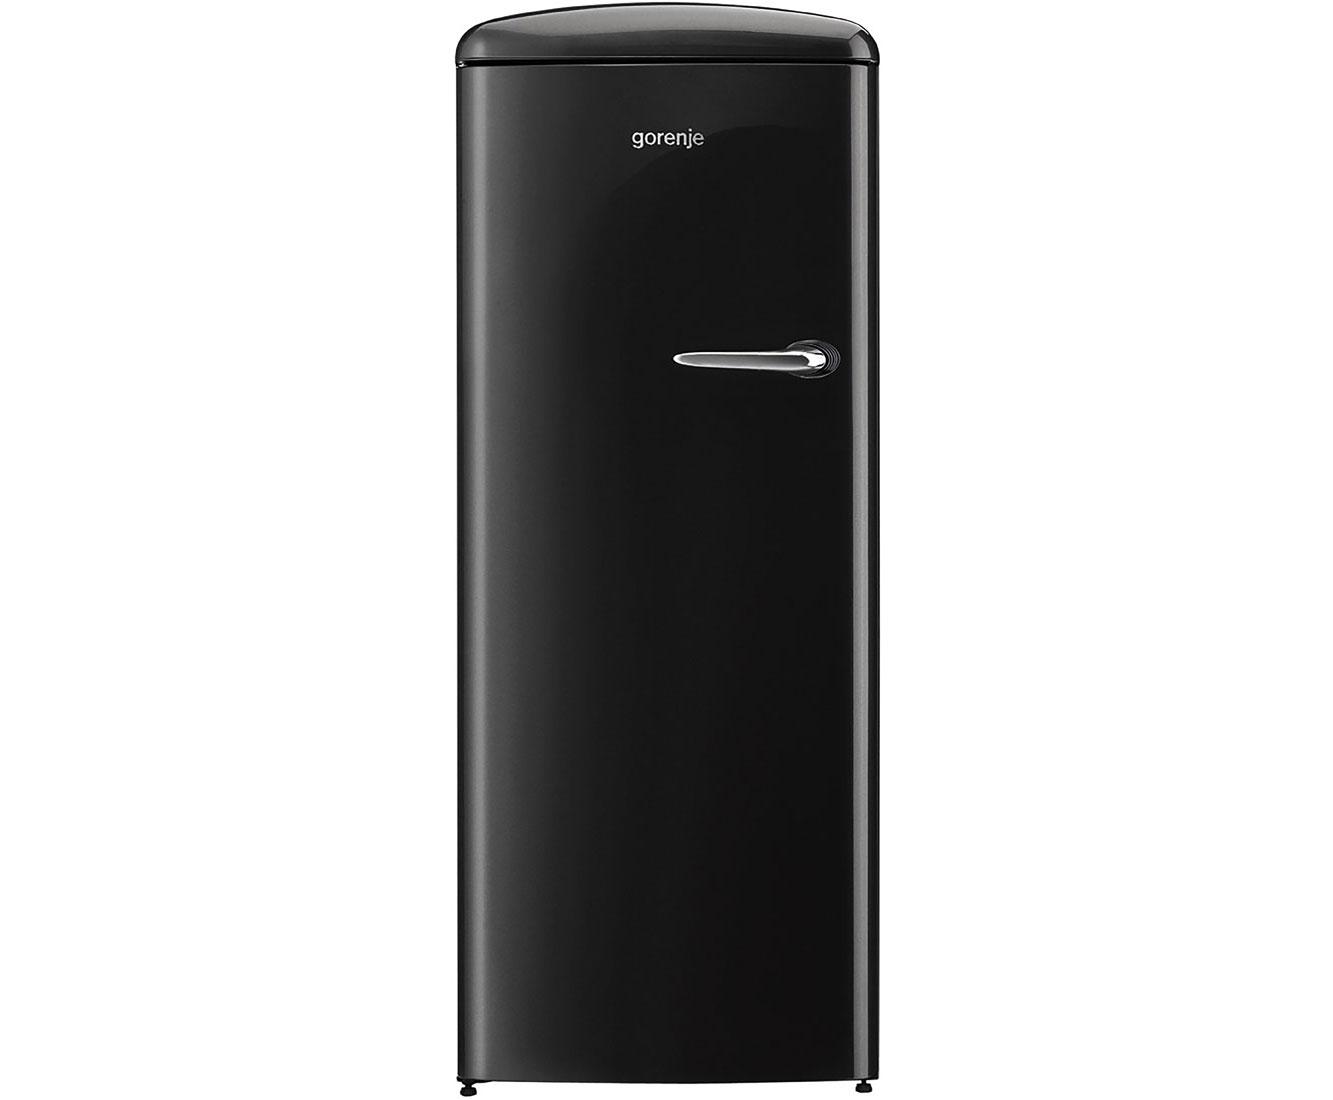 Gorenje Kühlschrank Einstellen : Gorenje retro collection orb bk l kühlschrank mit gefrierfach